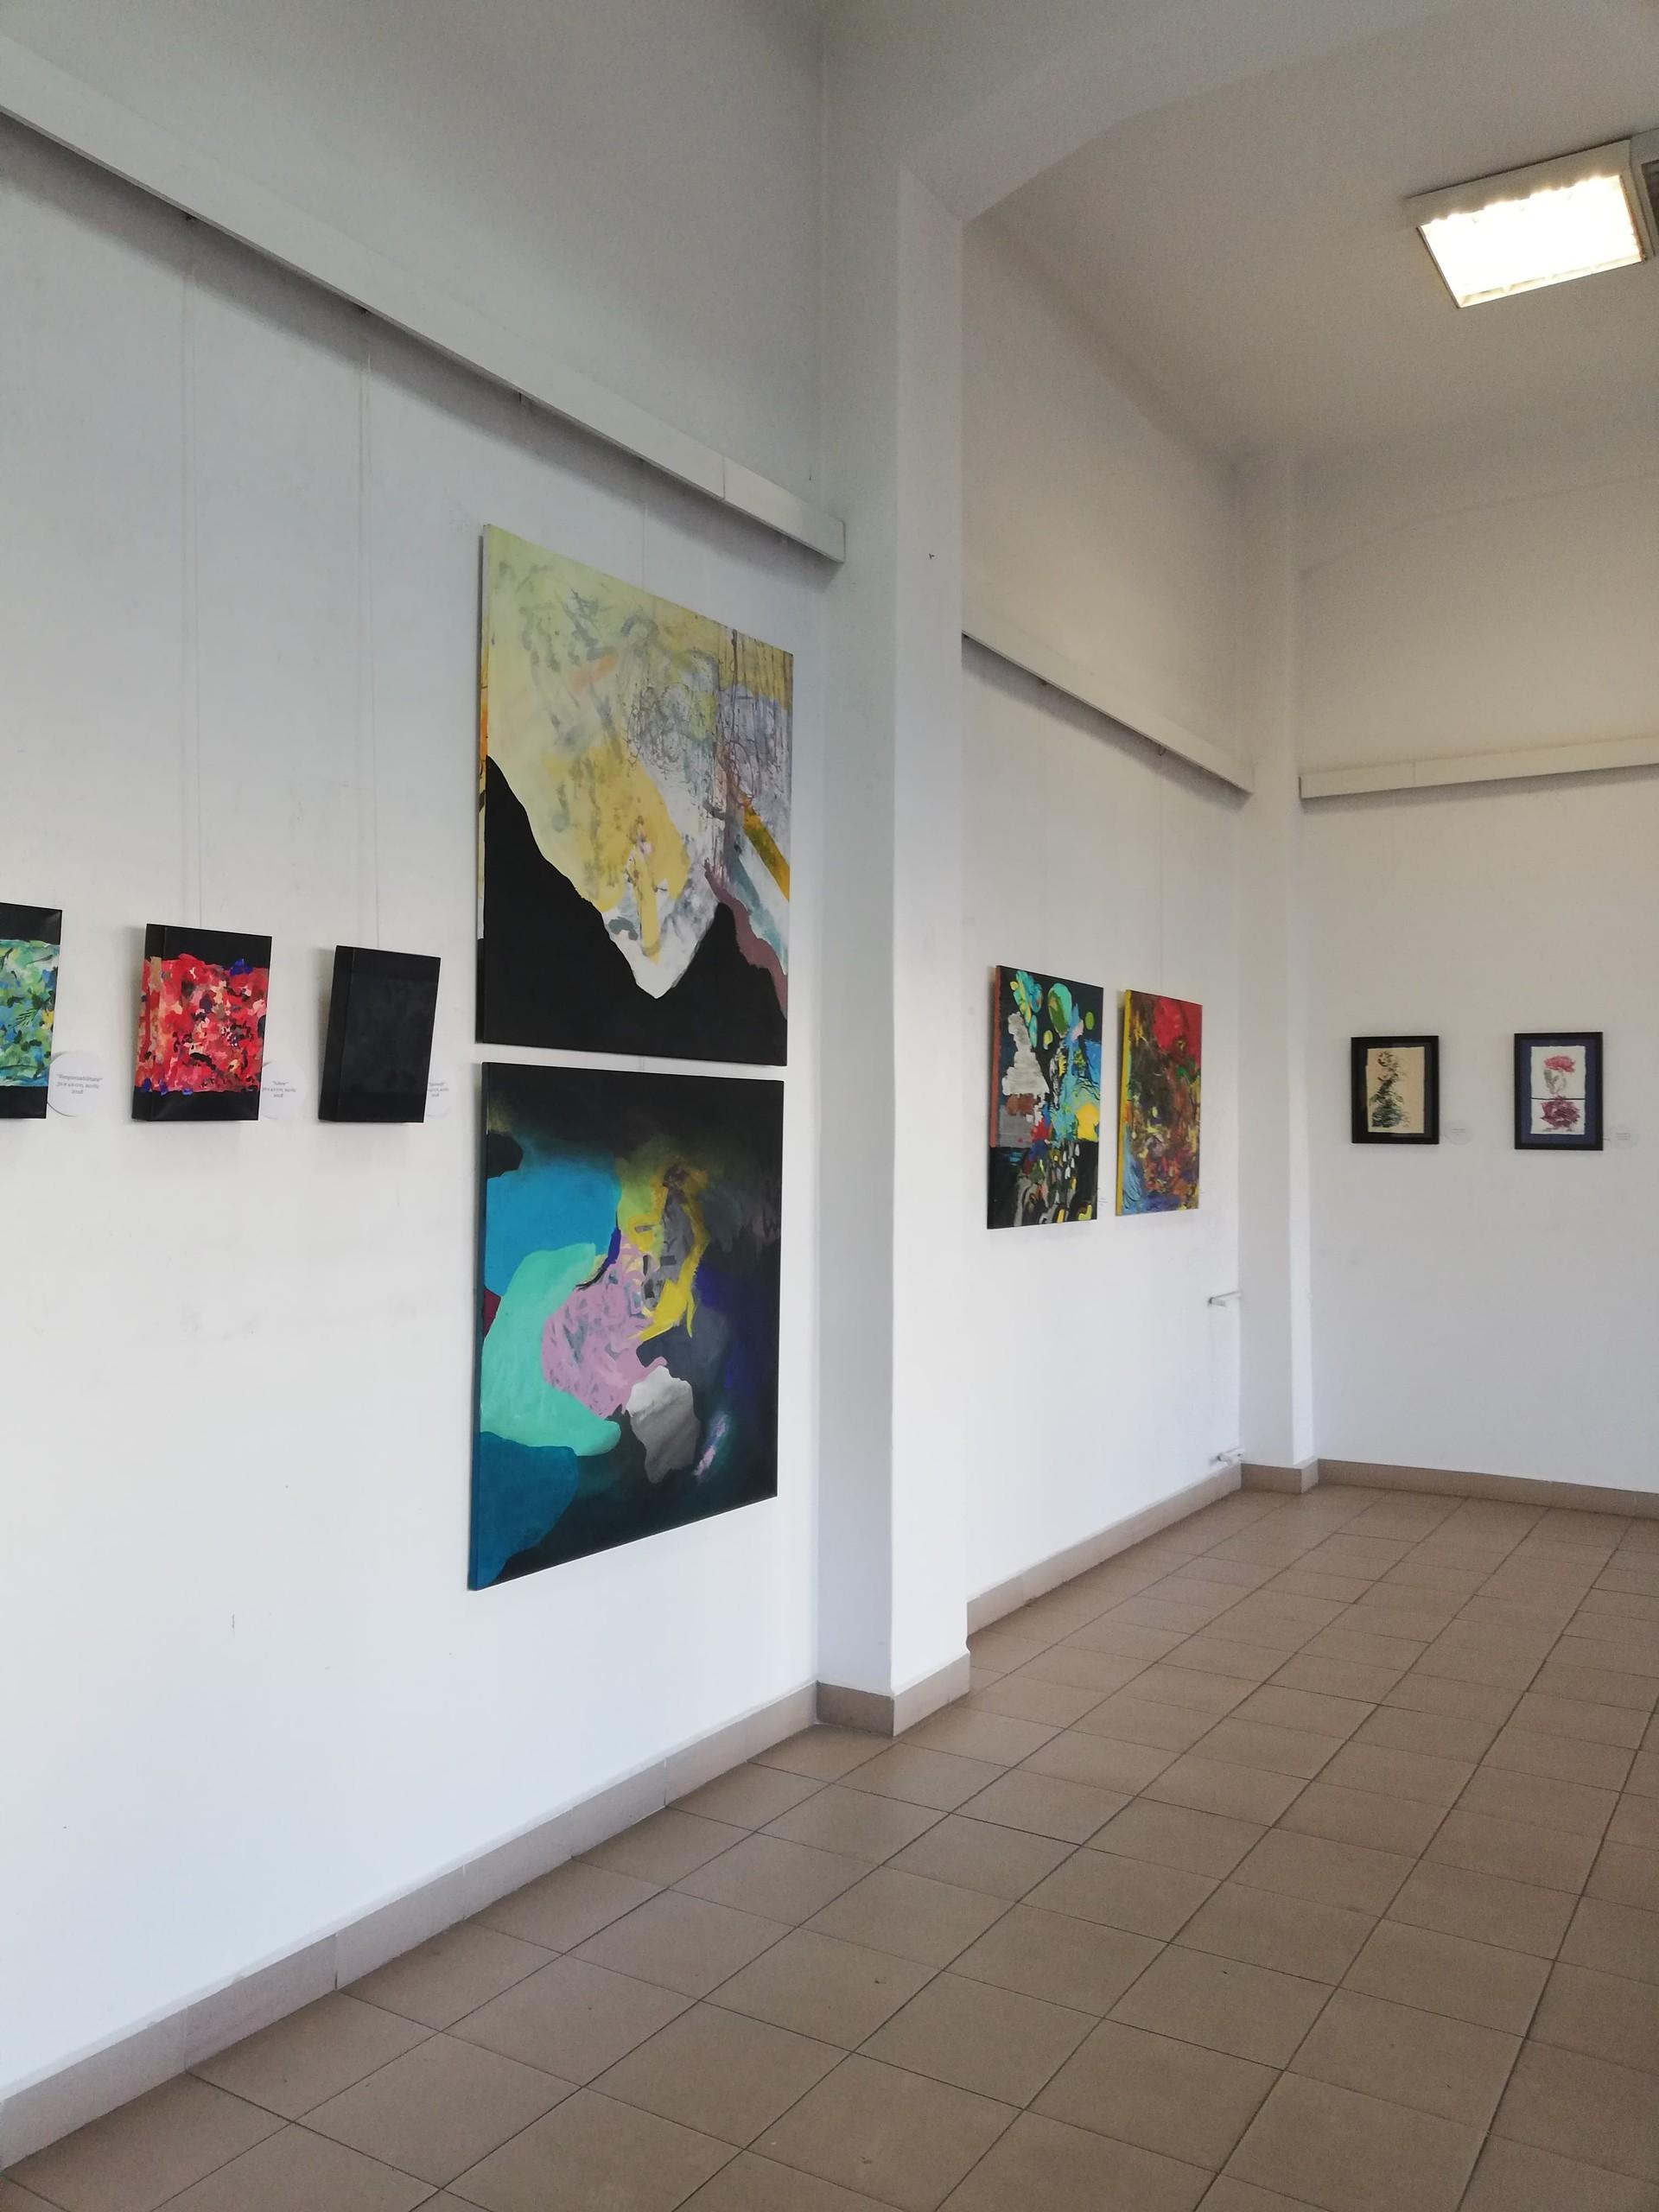 Ploiești Art Gallery: the joy of art